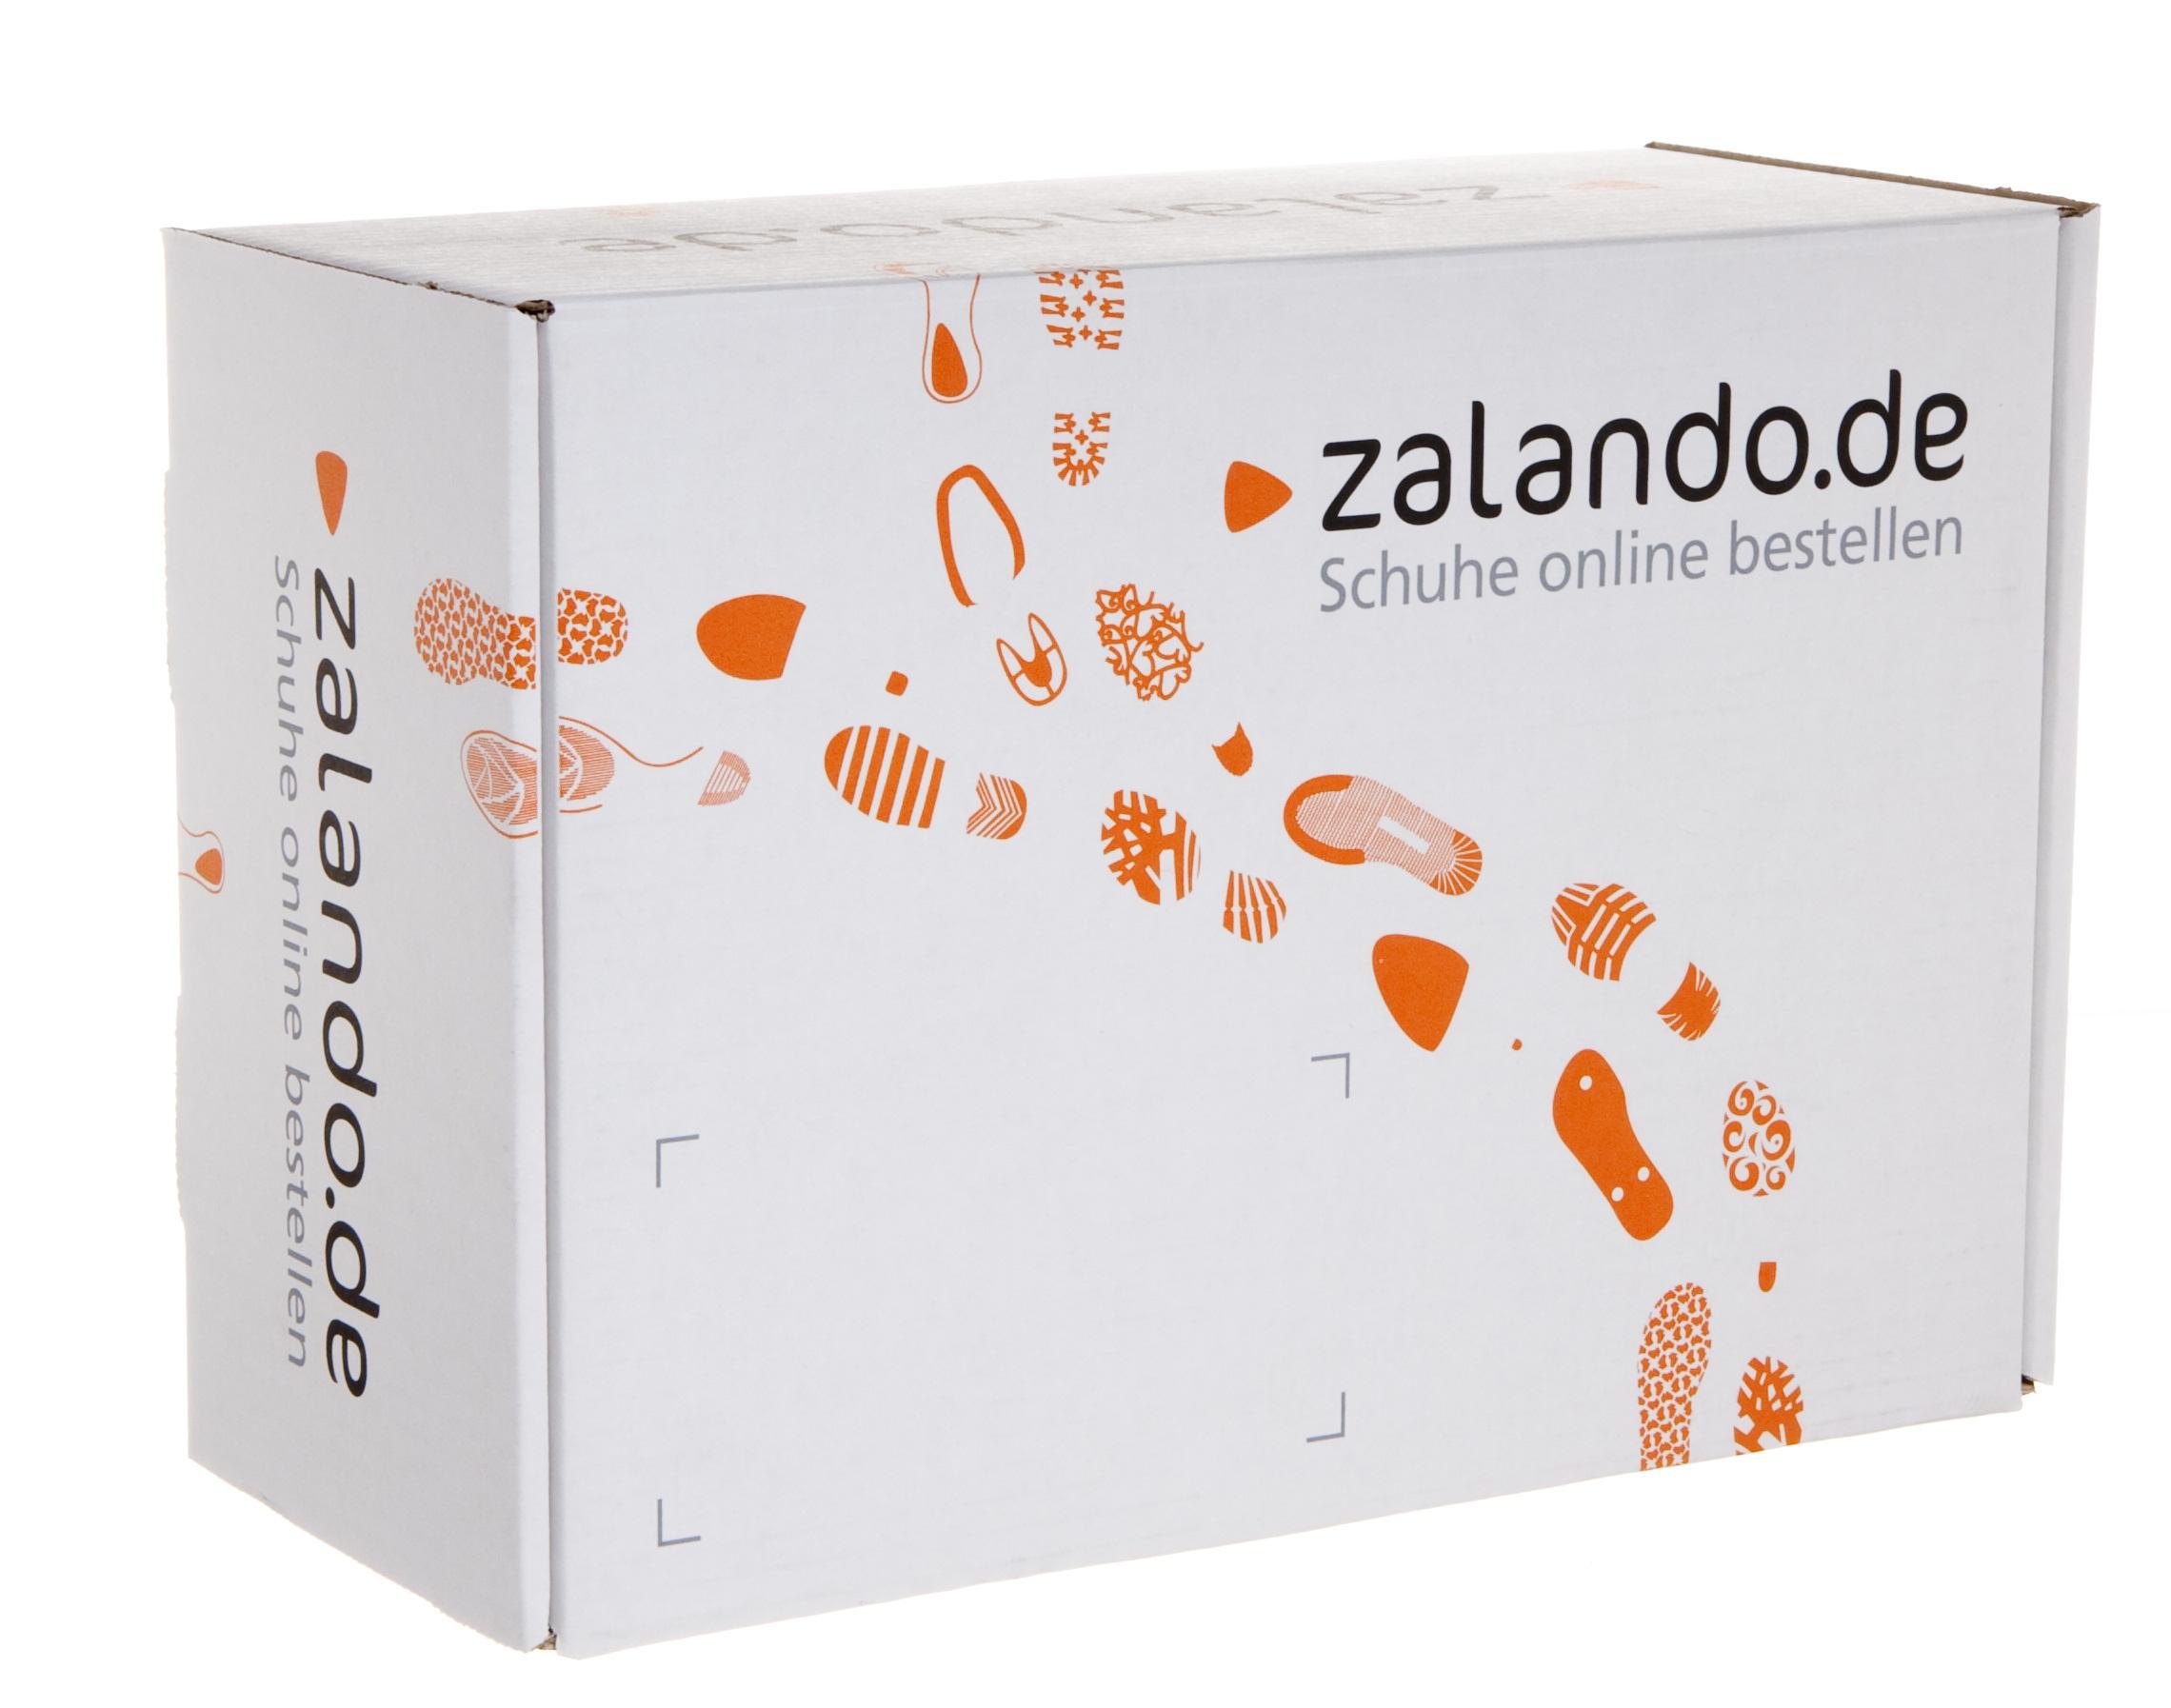 ZALANDO.de: 20%-Rabatt auf Make-Up und Pier One-Schuhe – Unideal.de